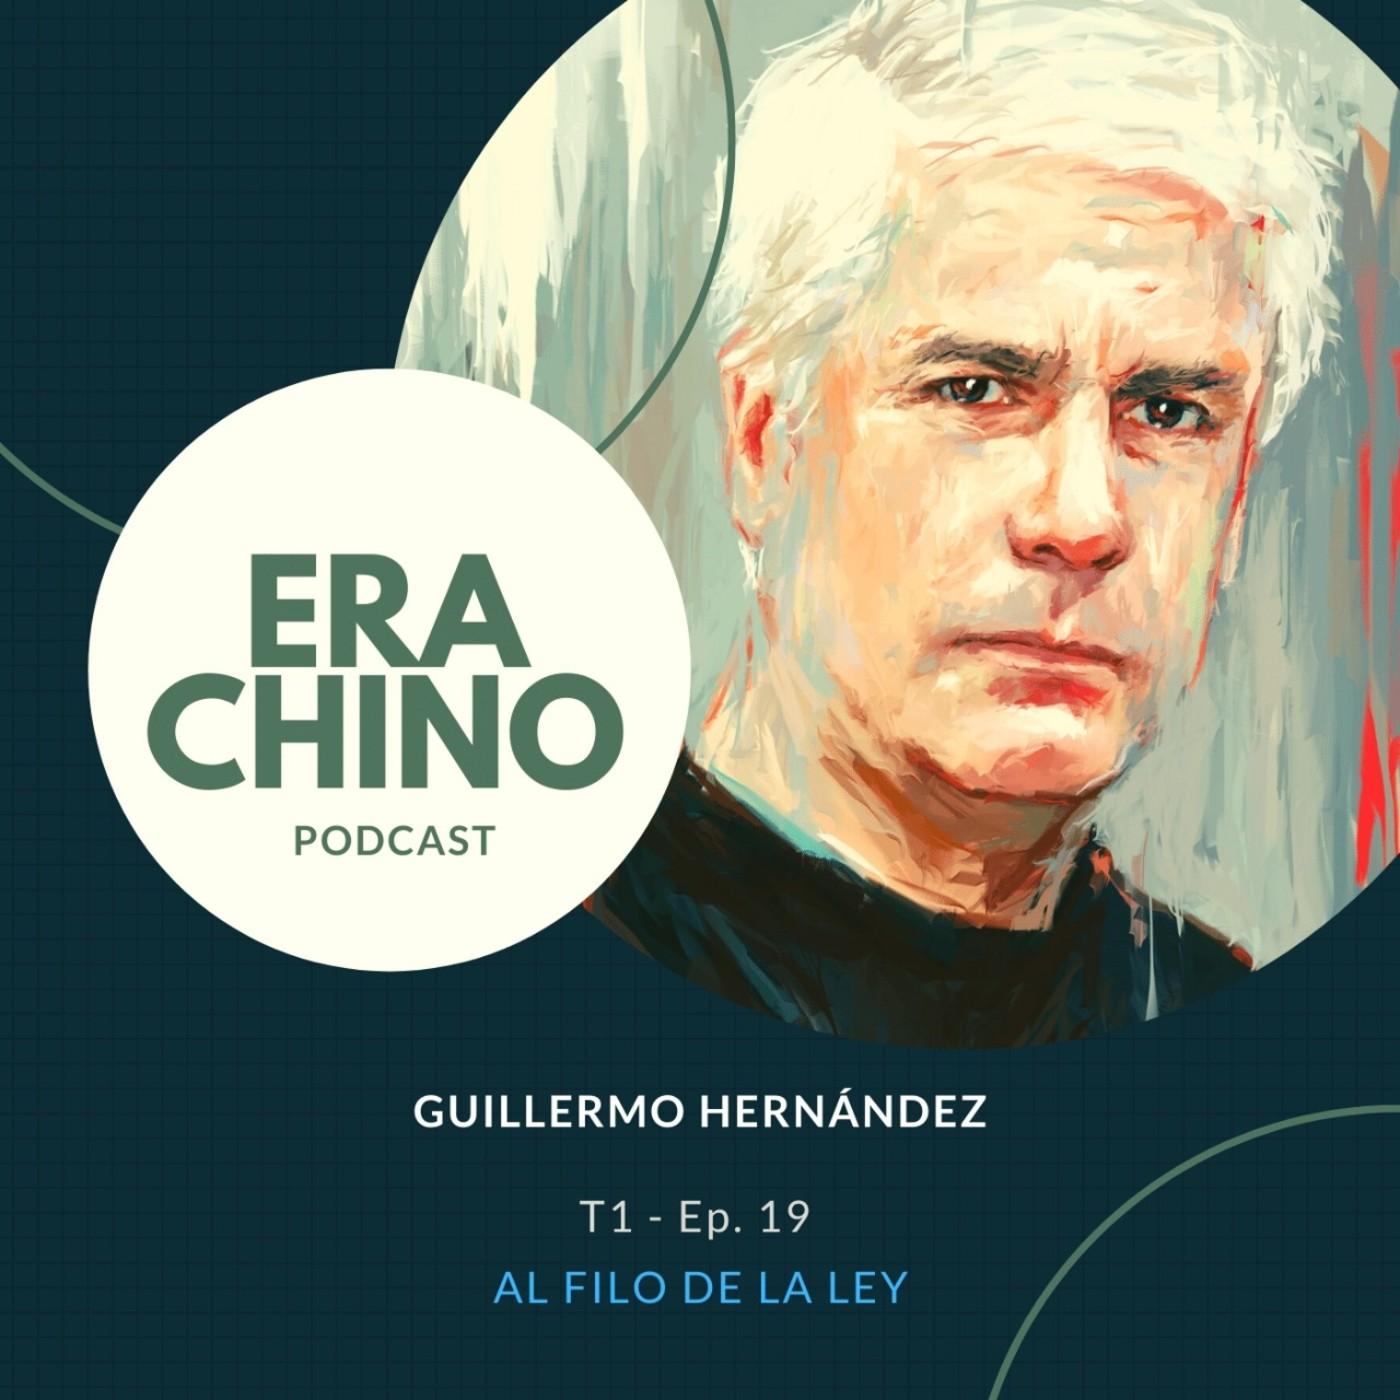 Era Chino T01E19 : Al Filo De La Ley.